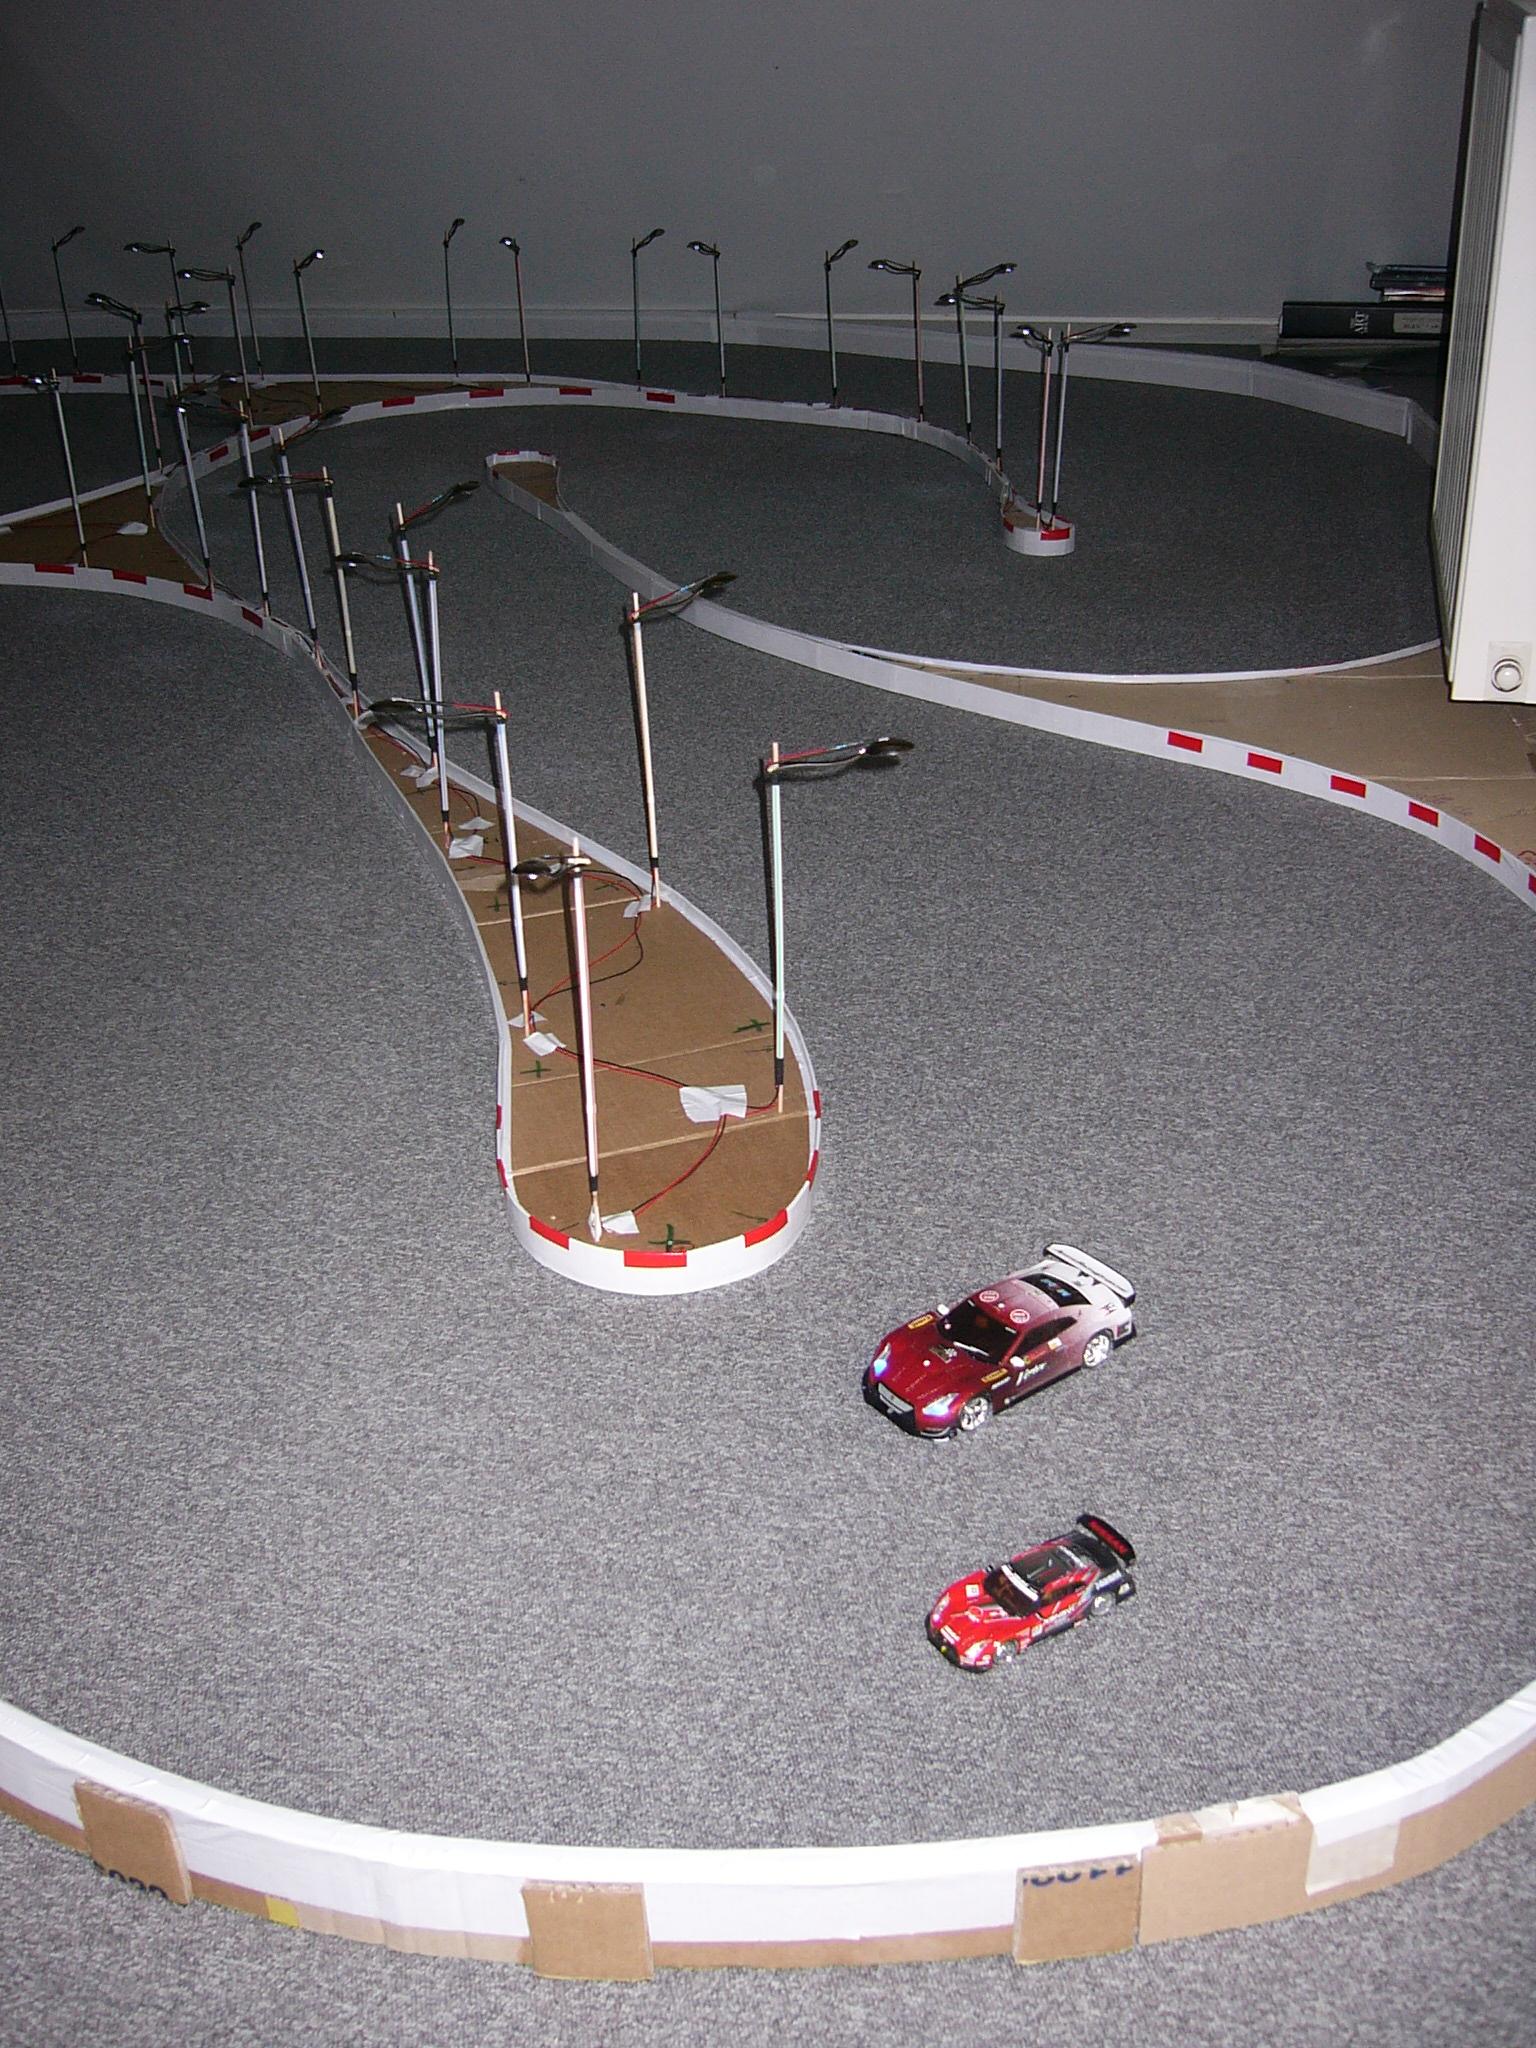 Piste maison bidouill sur vielle moquette for Moquette circuit voiture